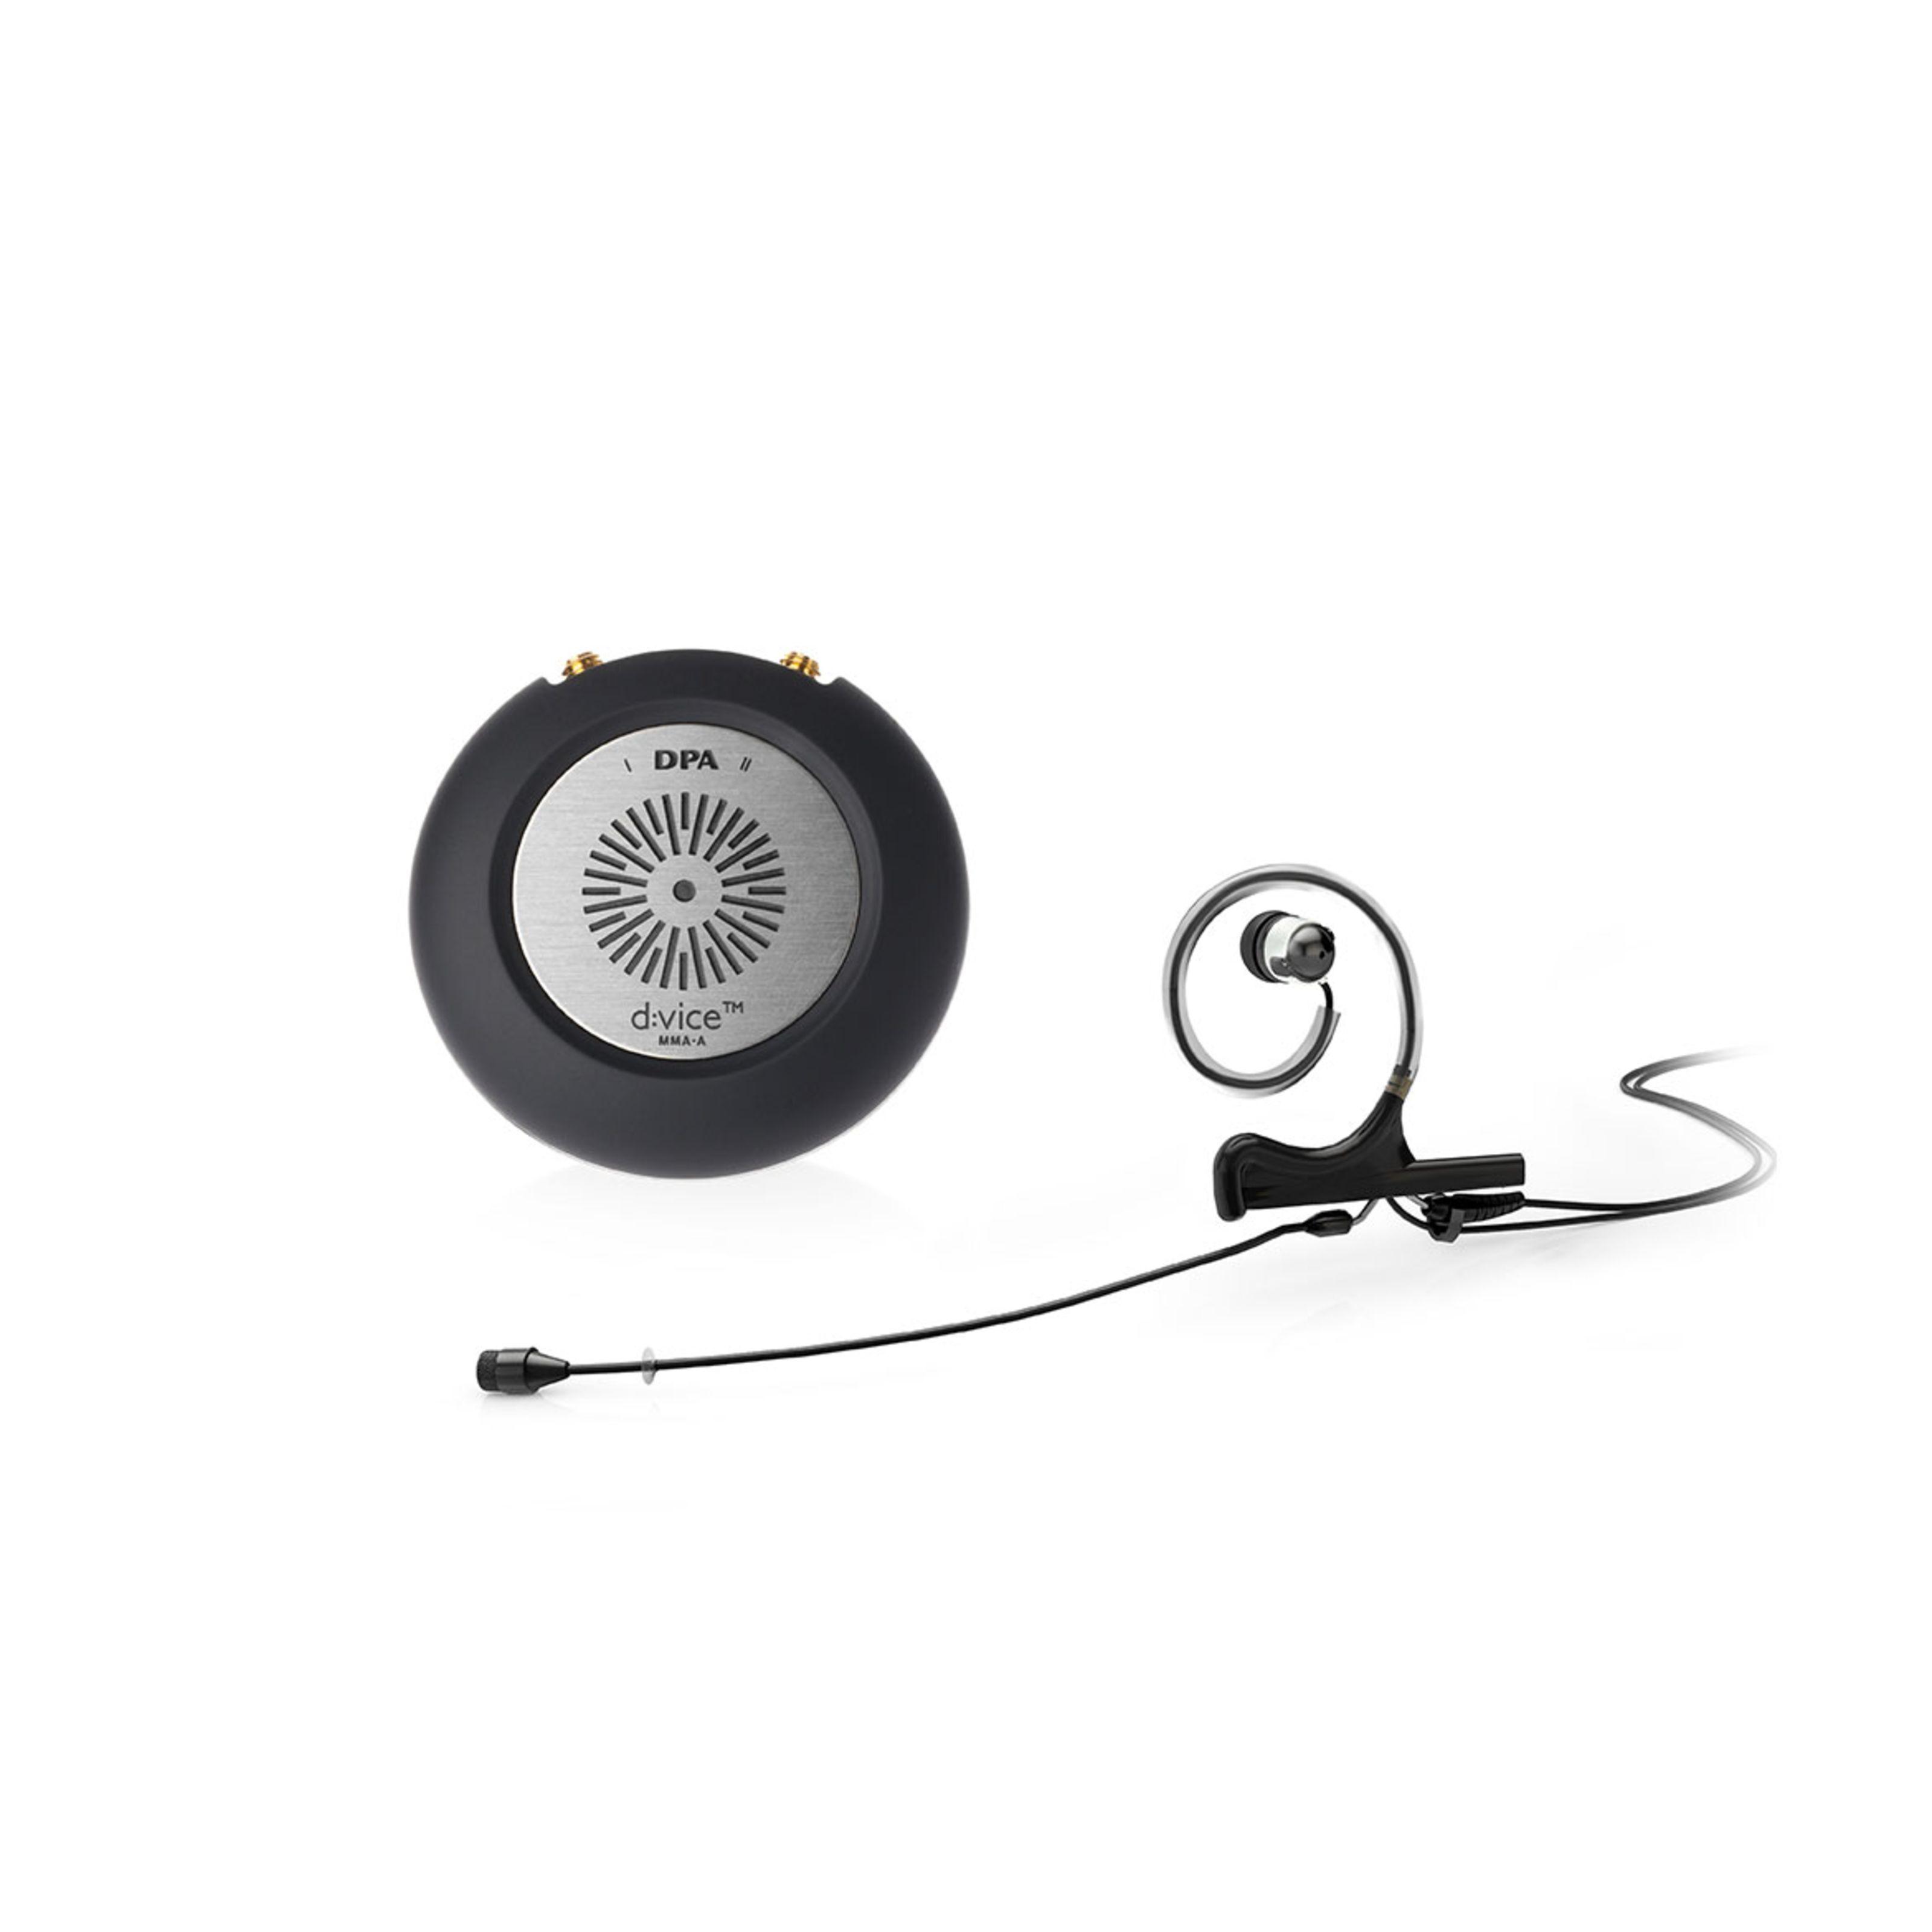 DPA d:vice In-Ear Headset Kit